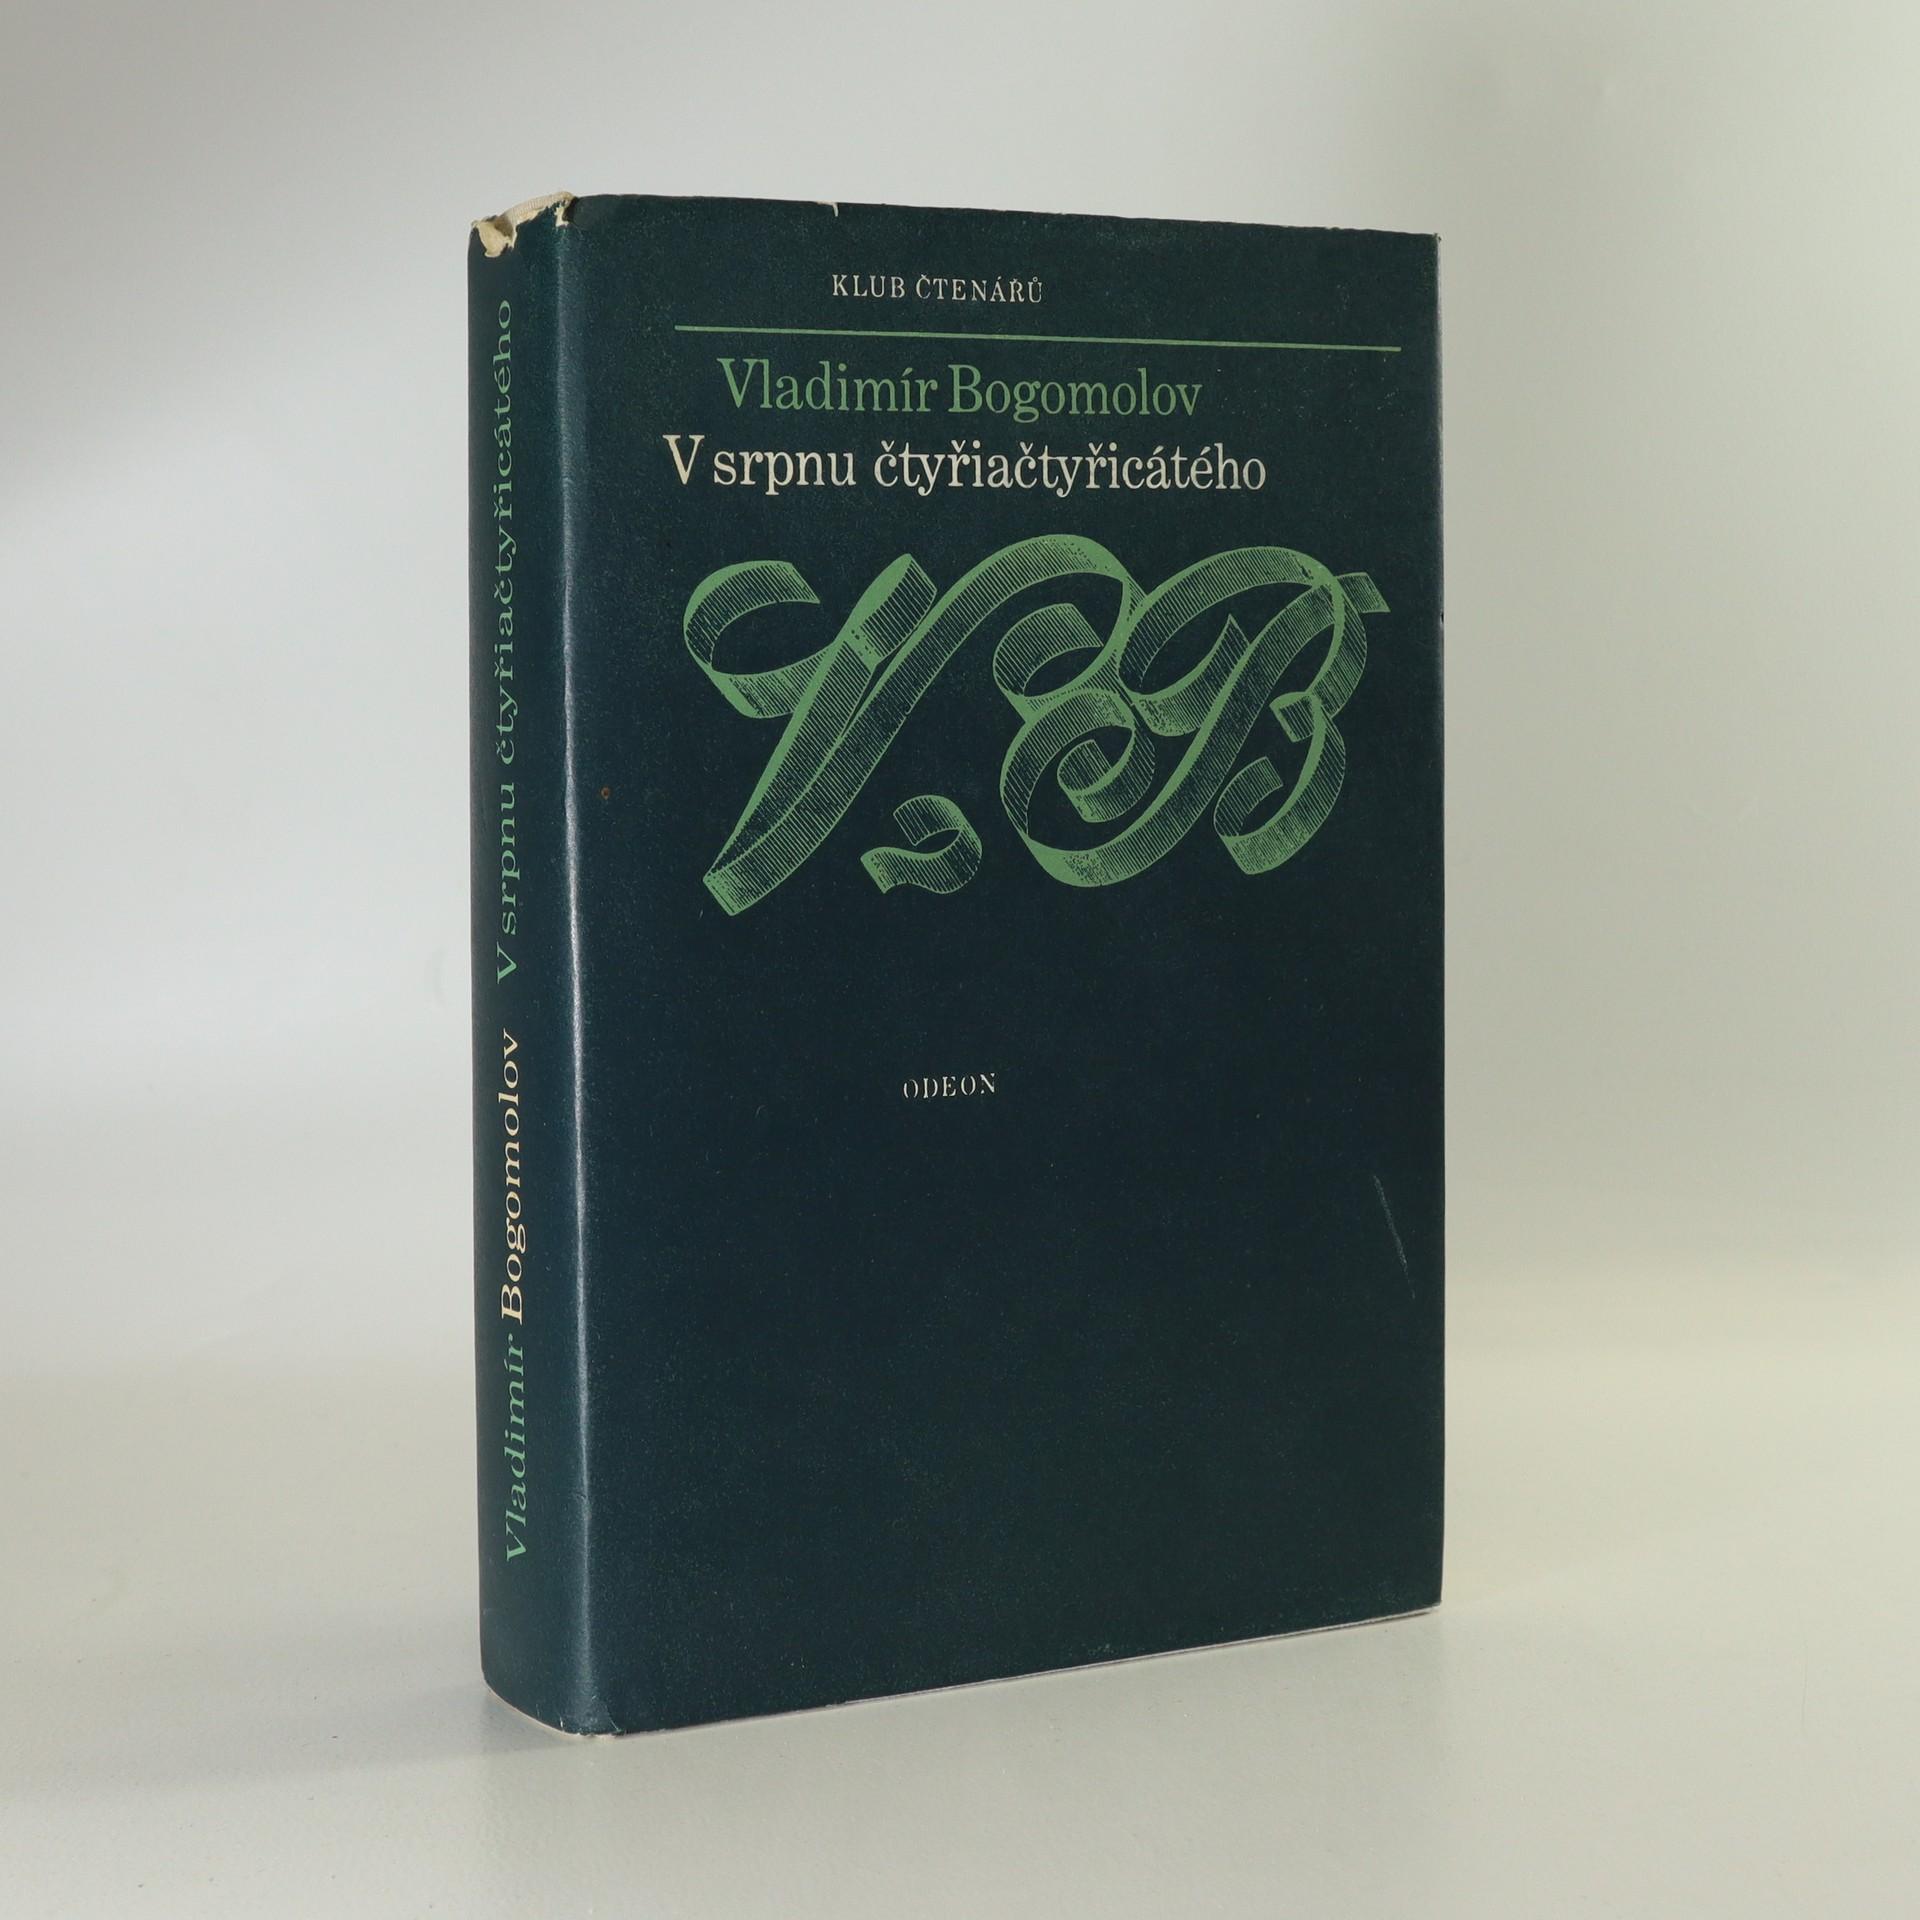 antikvární kniha V srpnu čtyřiačtyřicátého, 1979